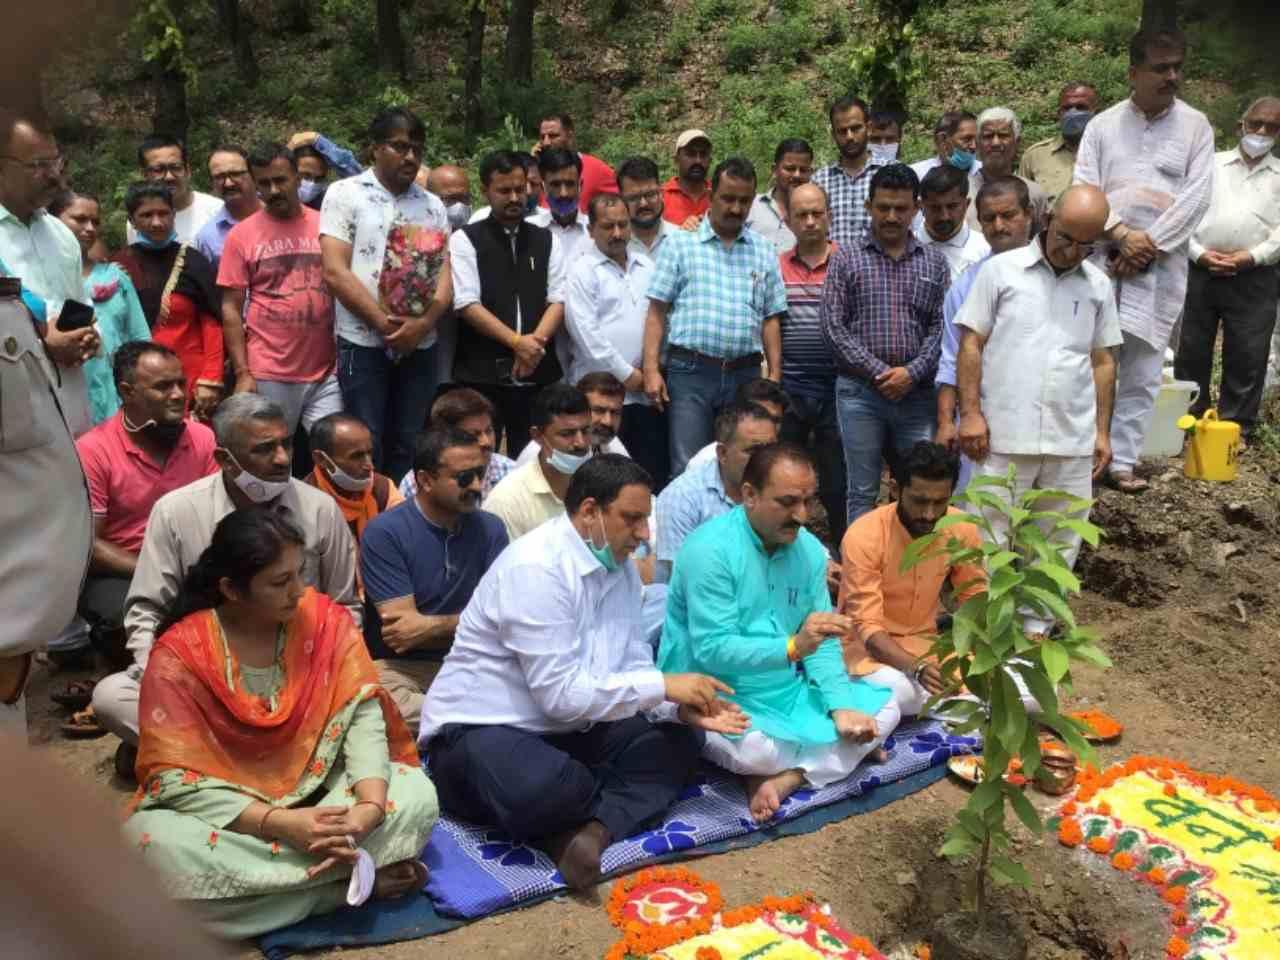 खाद्य आपूर्ति निगम के उपाध्यक्ष बलदेव तोमर ने रूद्राक्ष का पौधा लगा कर 72वां वन महोत्सव कार्यक्रम का शुभारंभ किया।